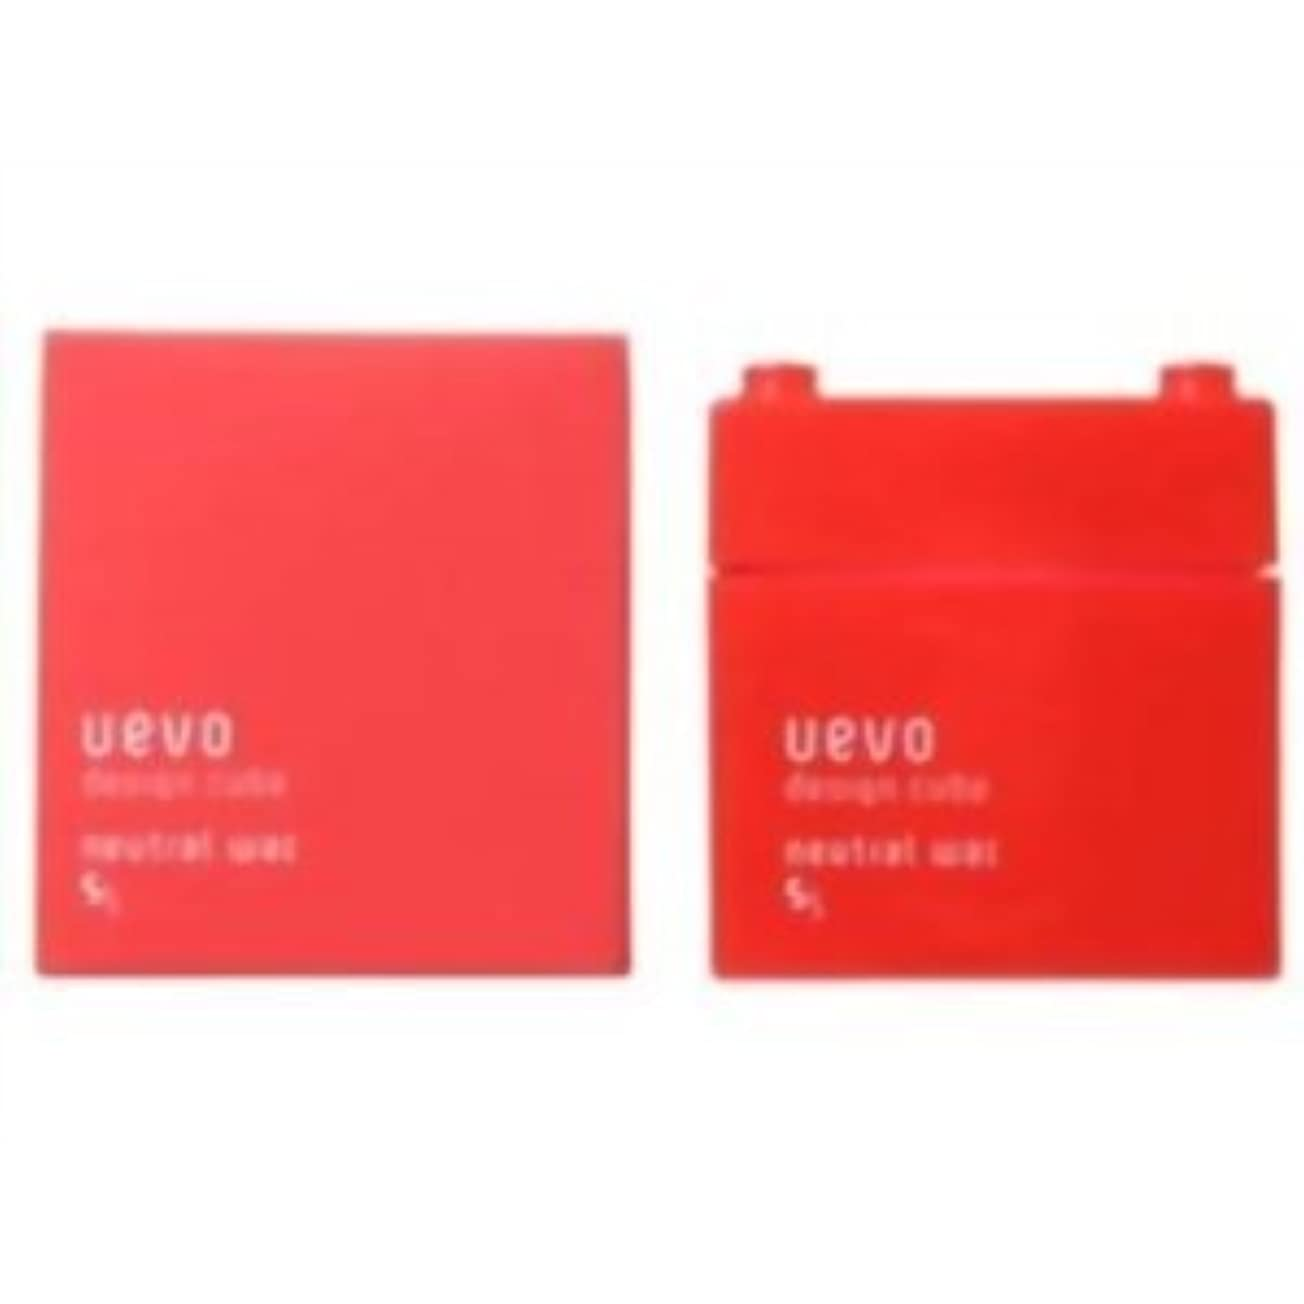 暫定樫の木導出【X2個セット】 デミ ウェーボ デザインキューブ ニュートラルワックス 80g neutral wax DEMI uevo design cube